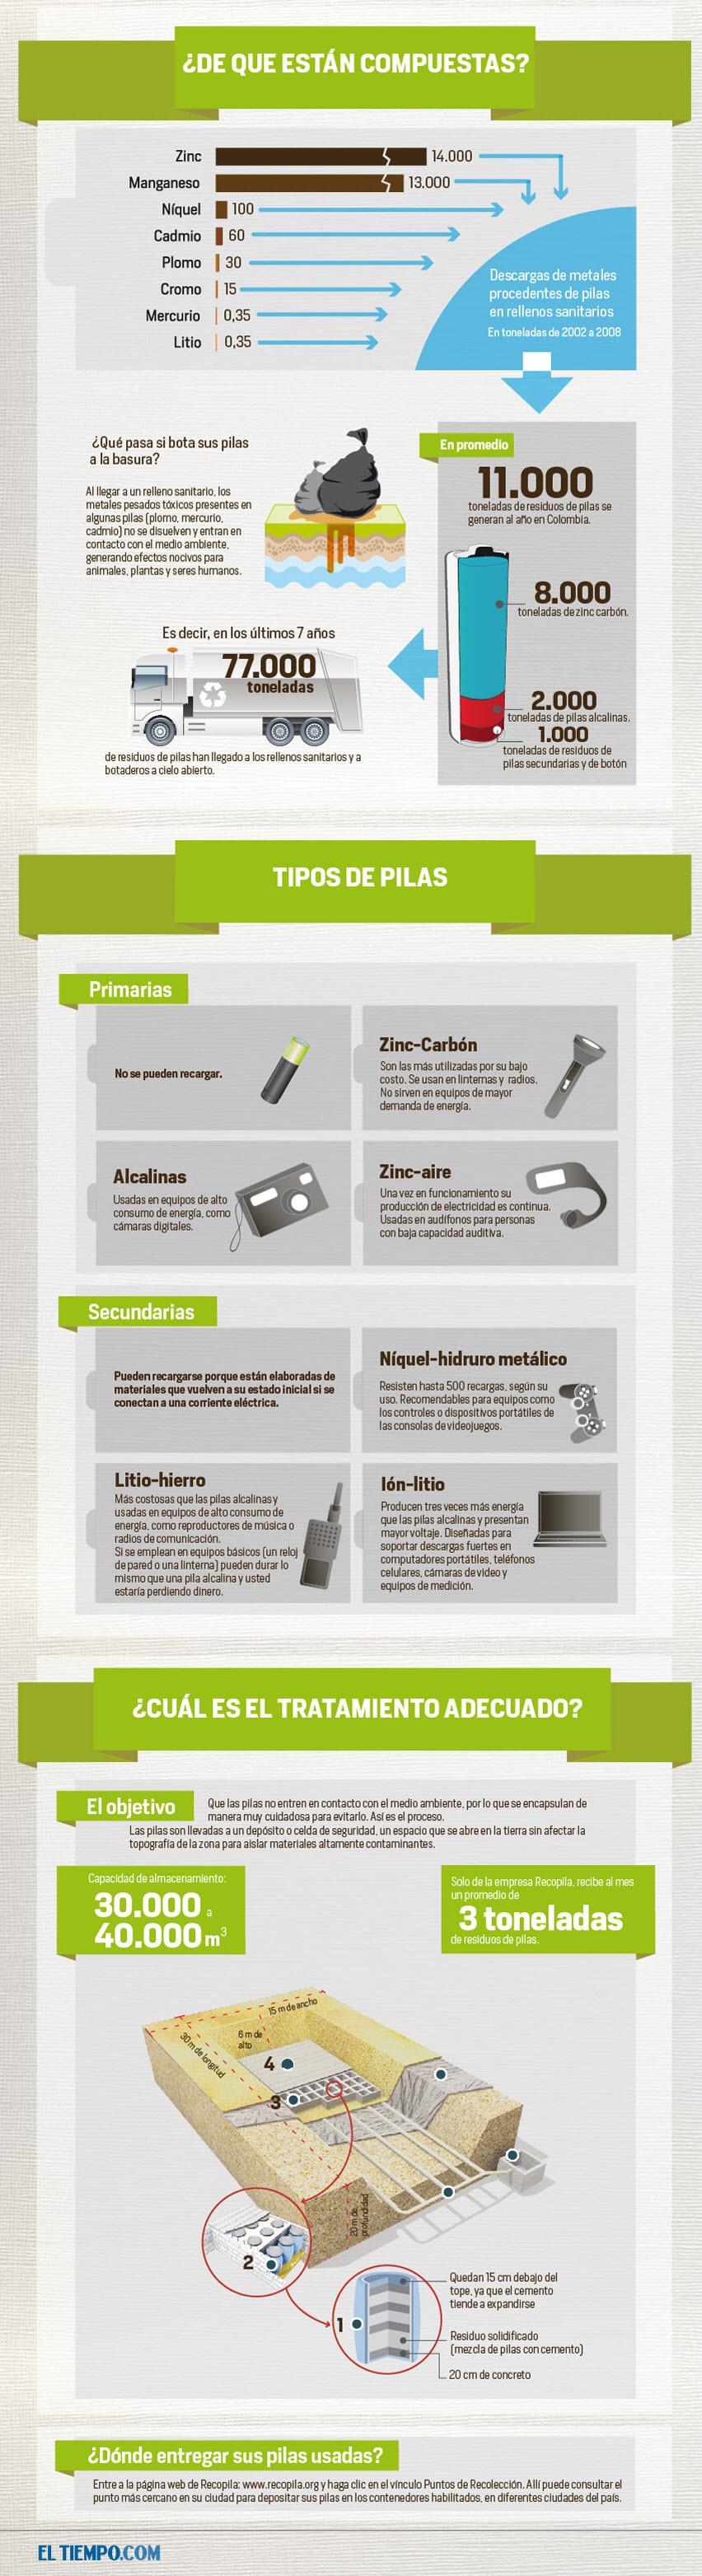 No Tires Las Pilas Usadas A La Basura Infografia Infographic Medioambiente Infographic High School Spanish Middle School